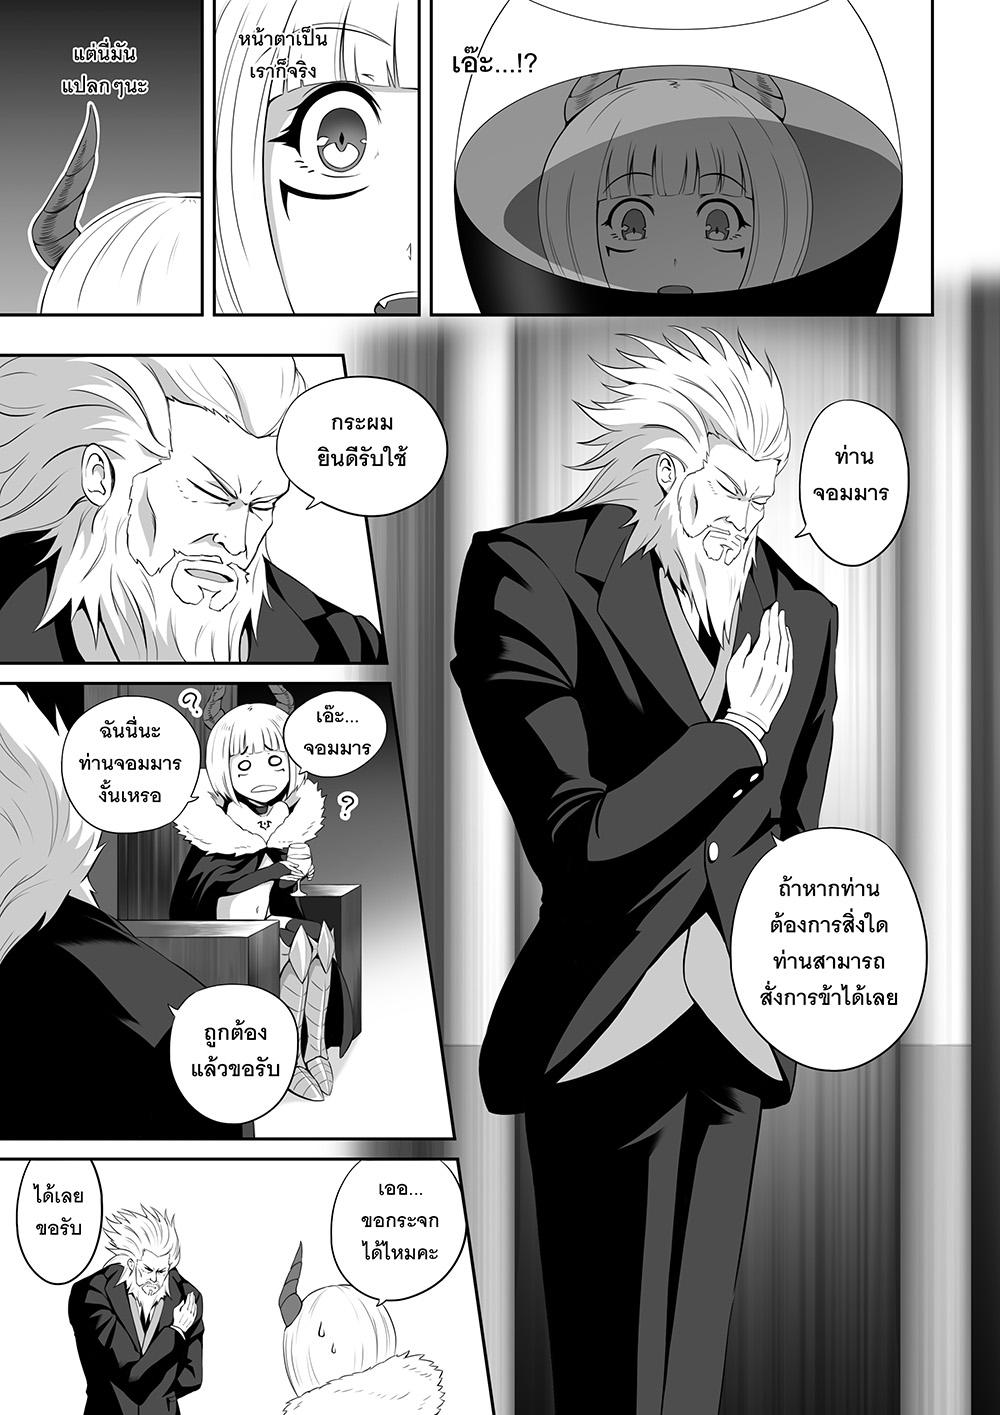 อ่านการ์ตูน LUNA The New Demonlord ตอนที่ 1 หน้า 8